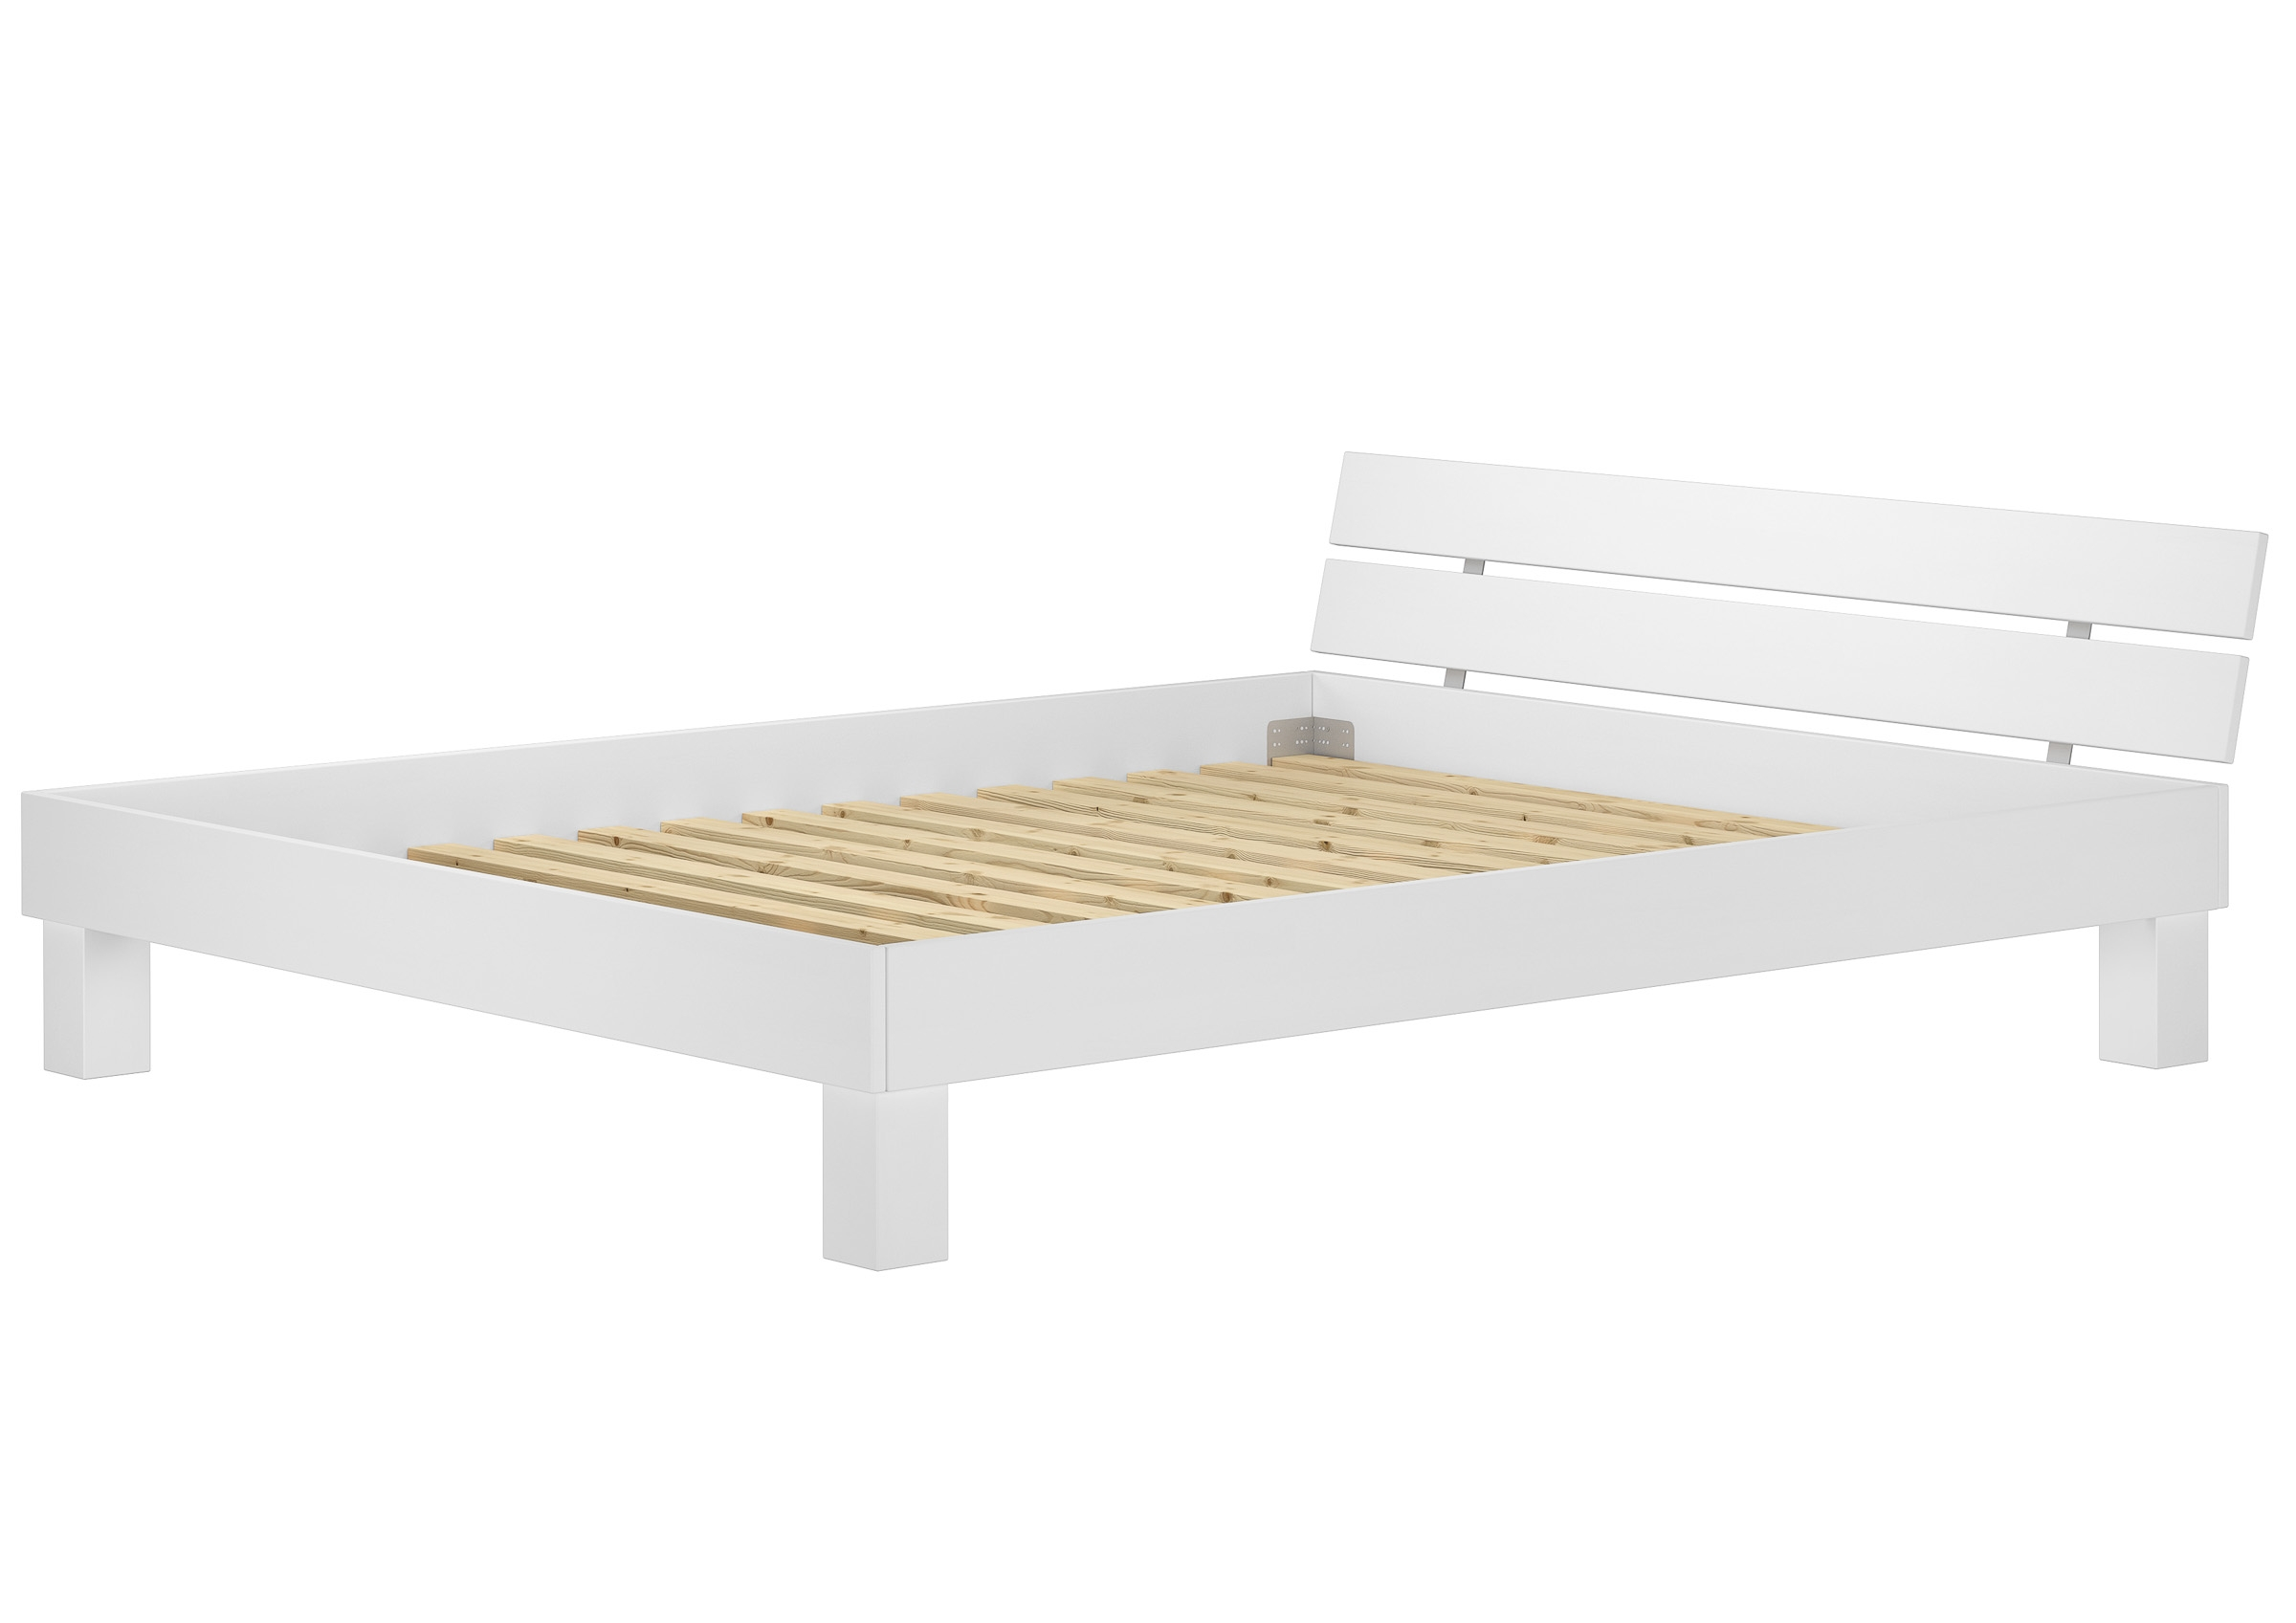 Full Size of Komplettbett 180x220 Massivholzbett In Berlnge Buche Doppelbett Waschwei Mit Bett Wohnzimmer Komplettbett 180x220